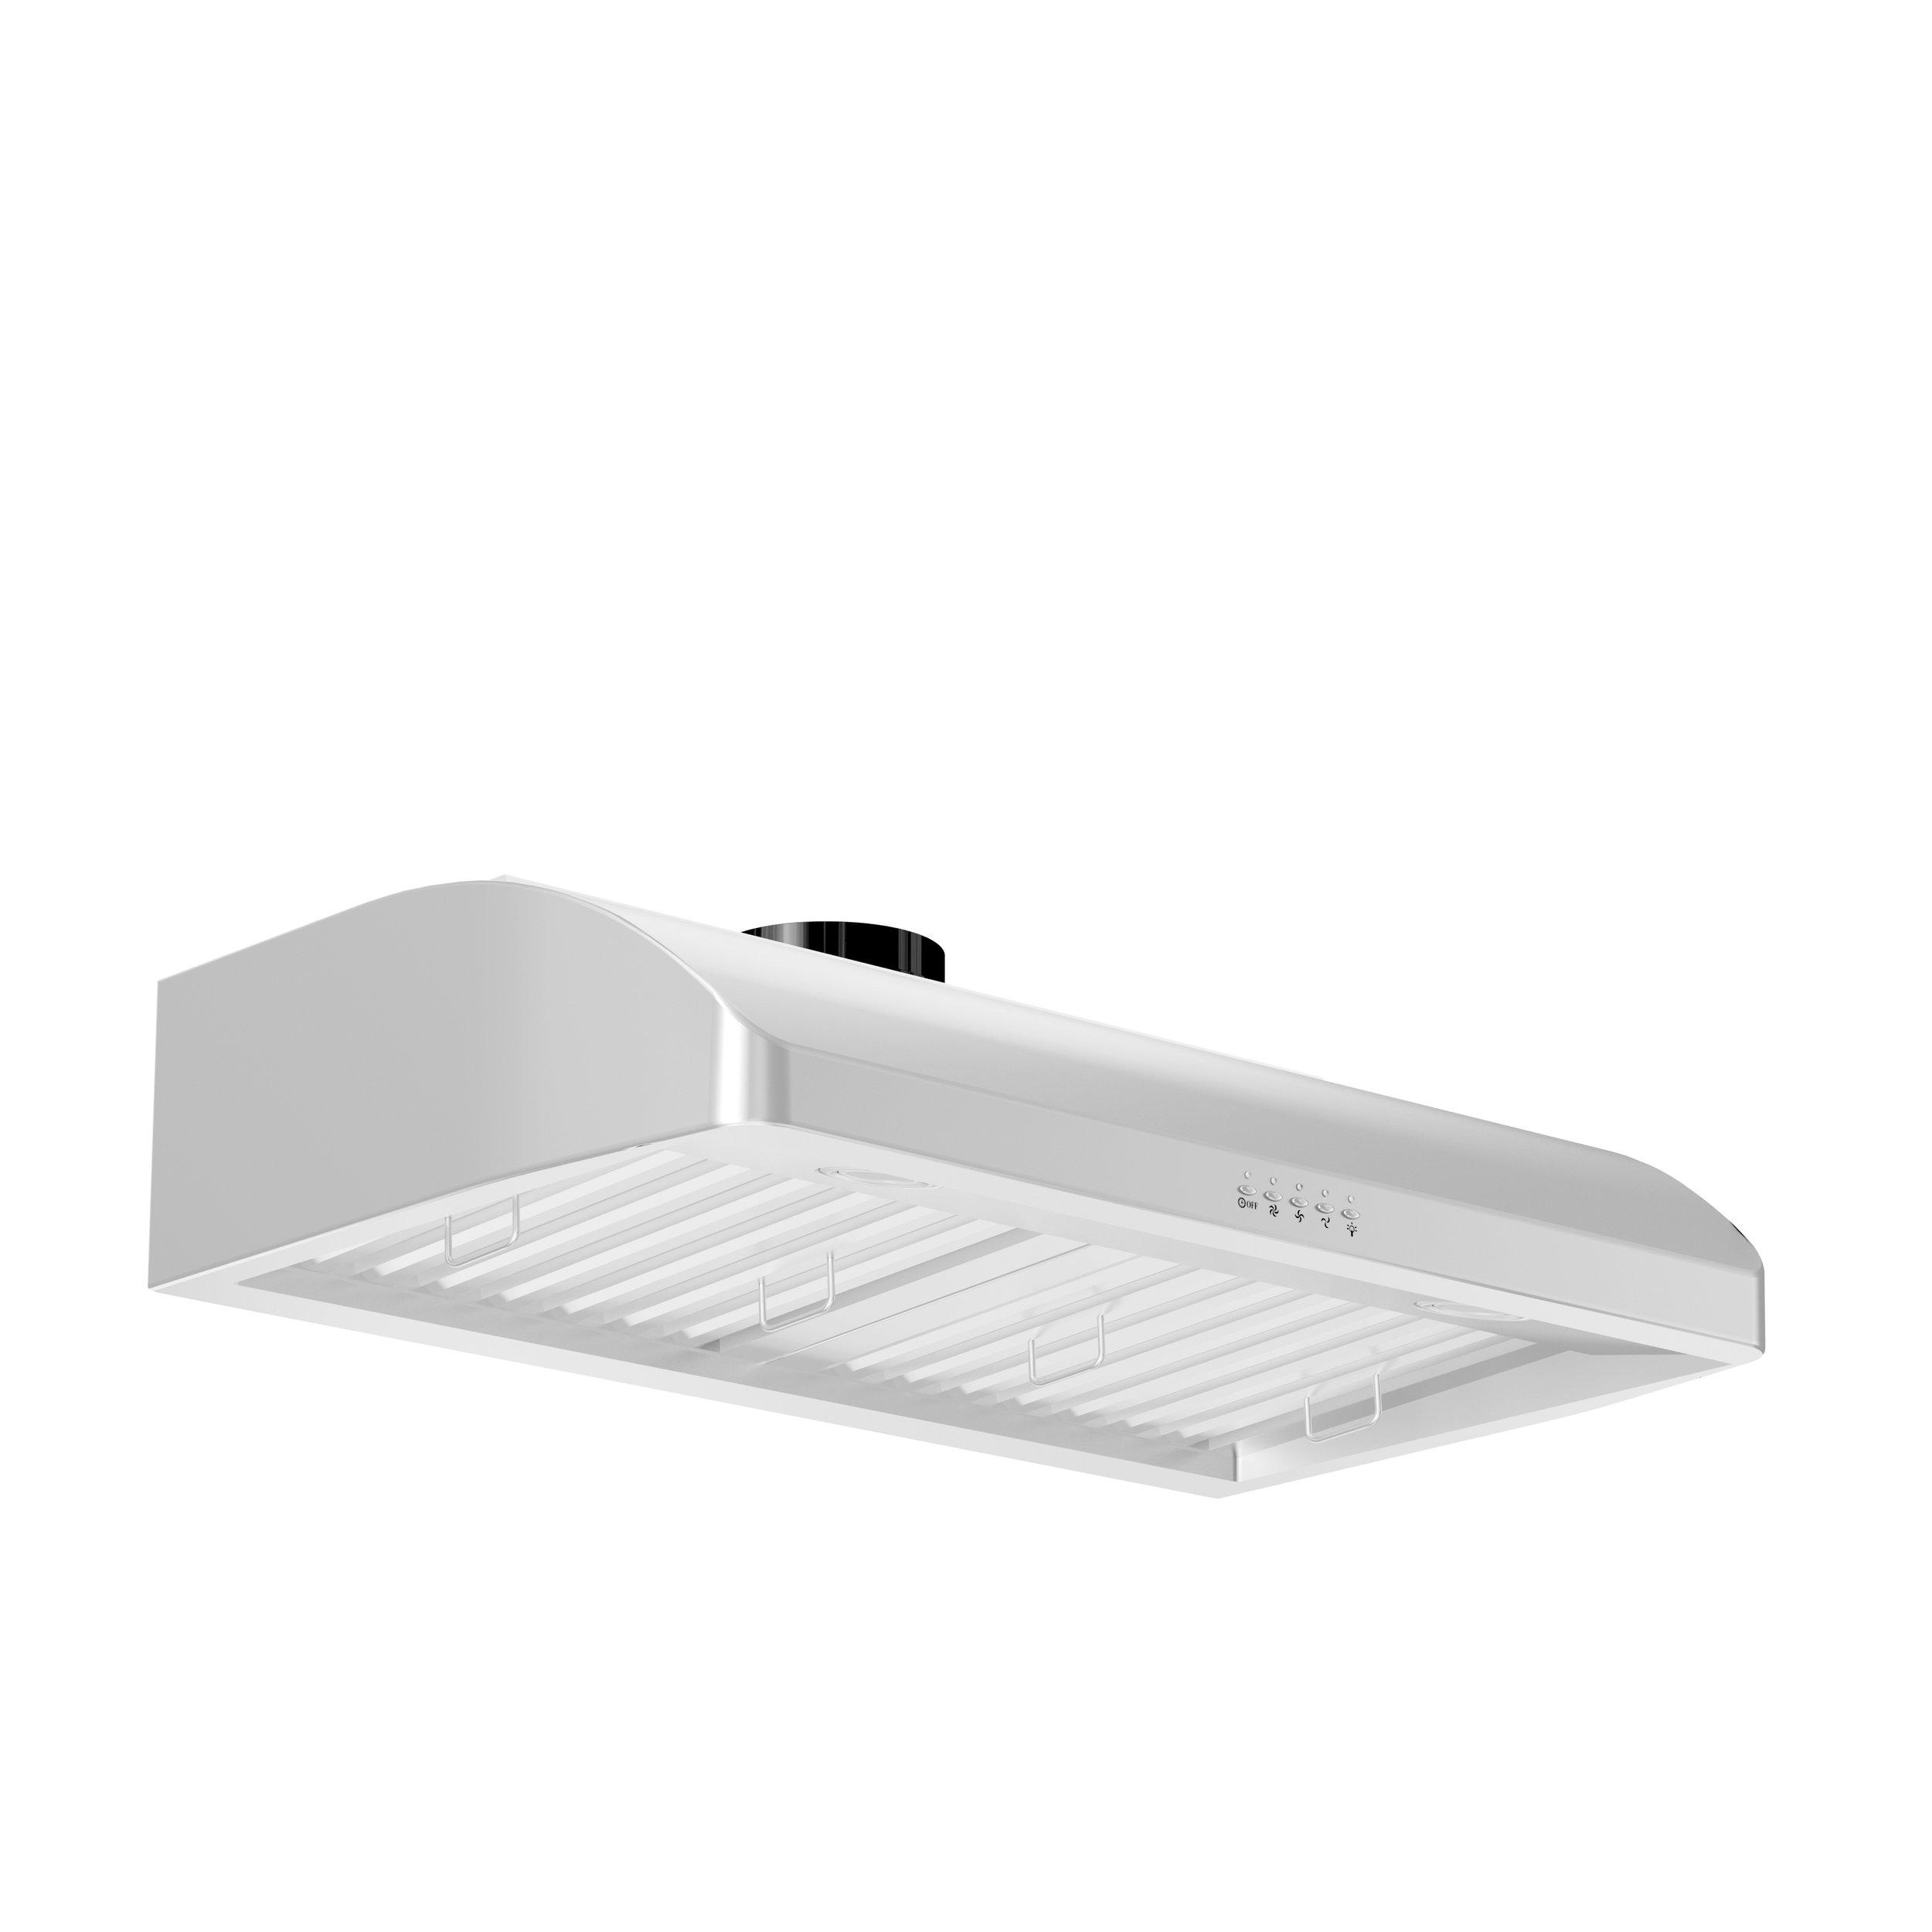 zline-stainless-steel-under-cabinet-range-hood-625-side-under.jpeg